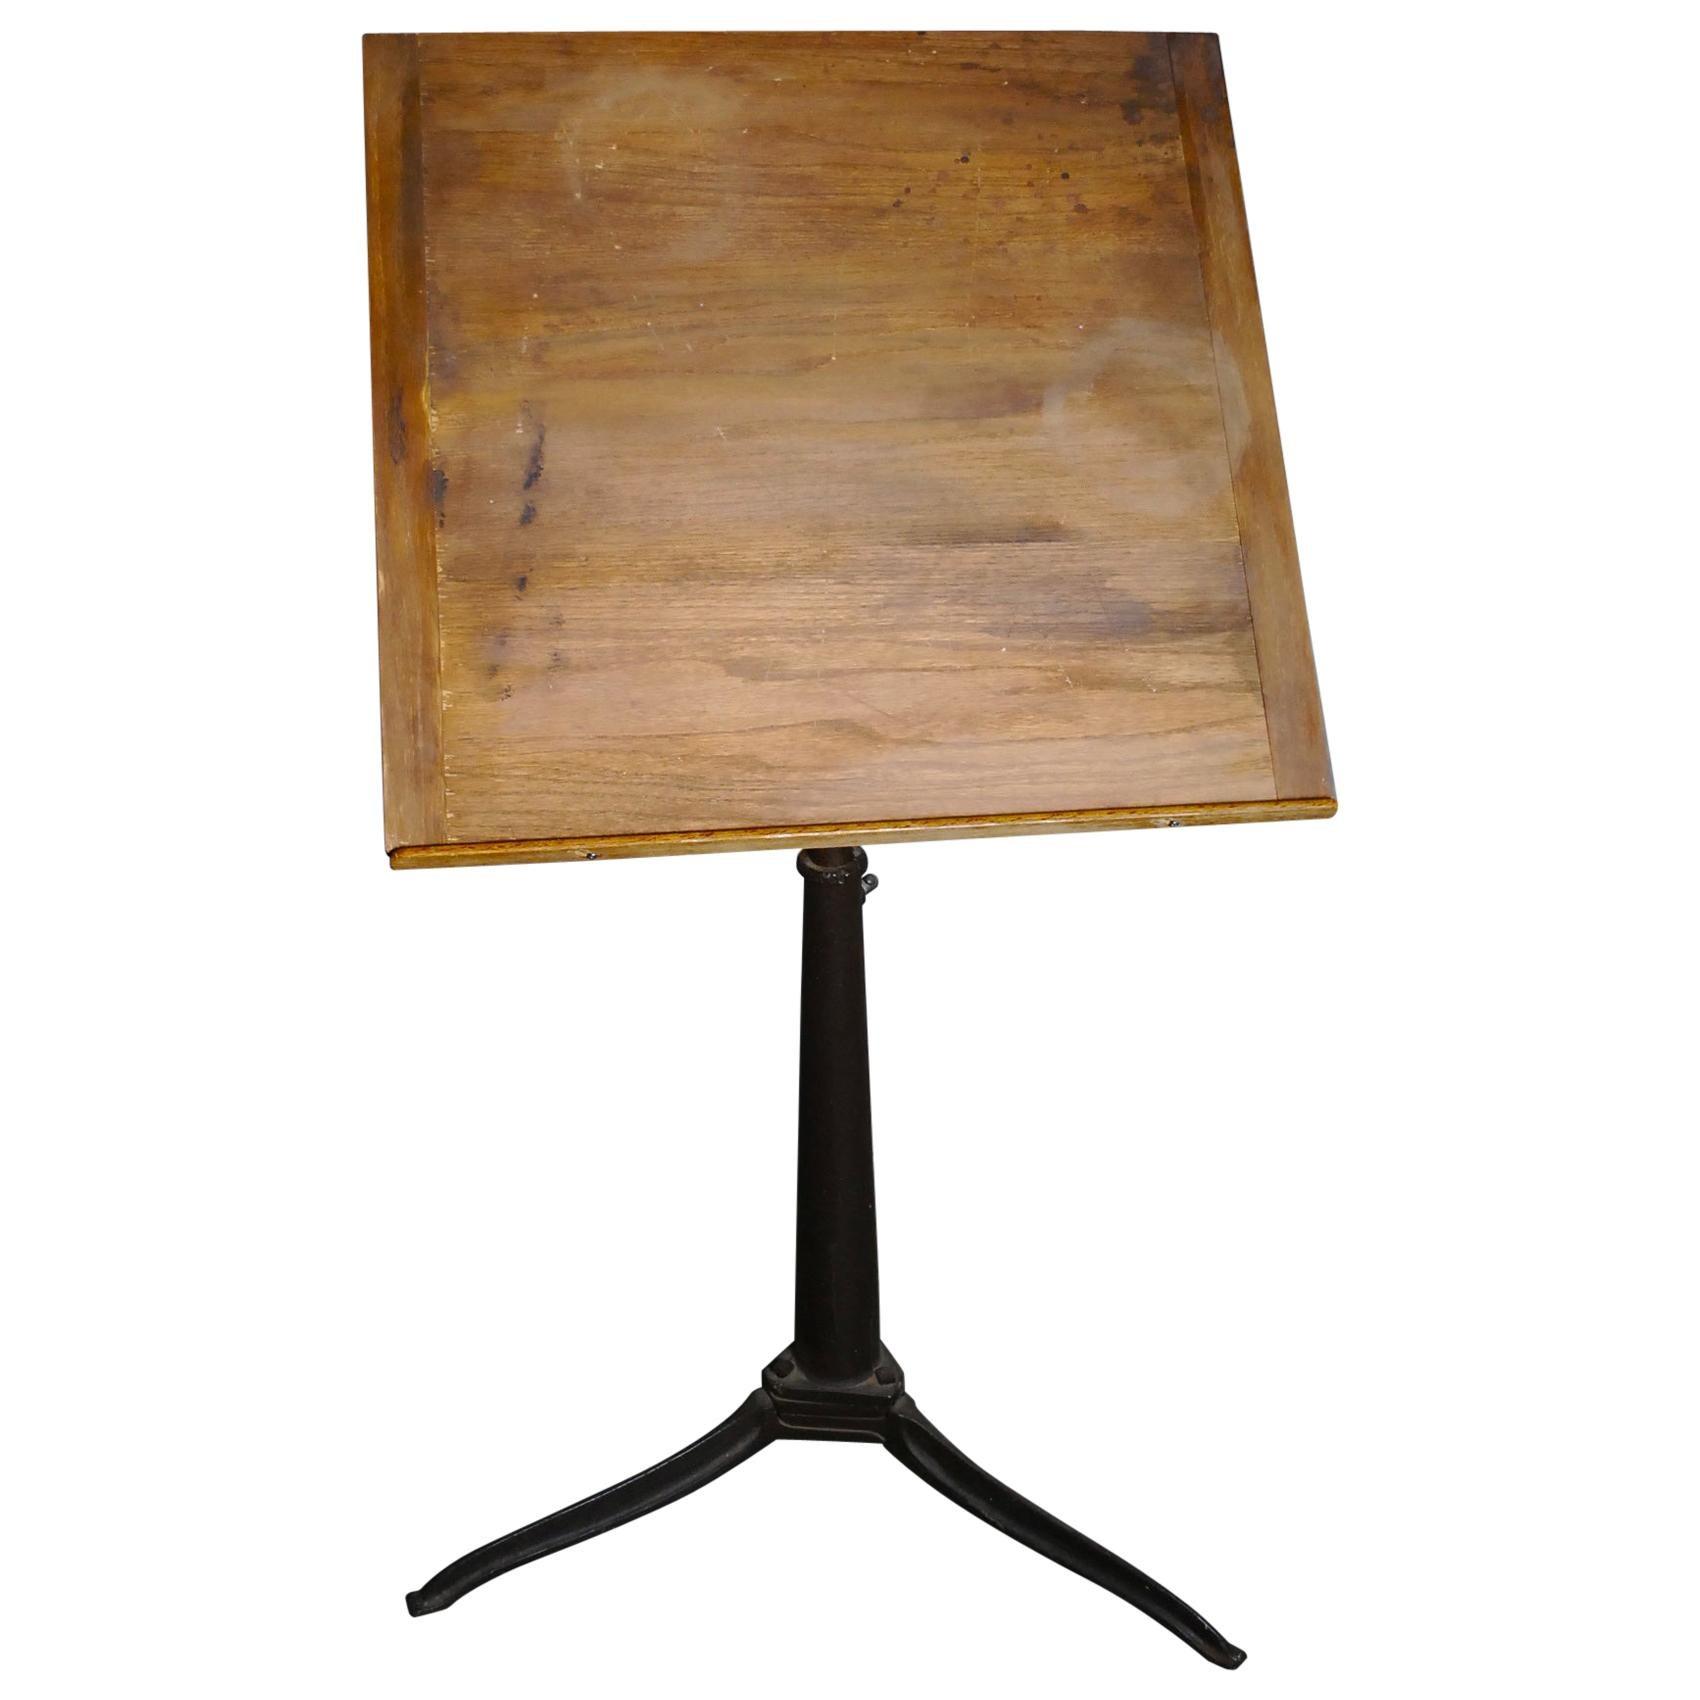 1930 Adjustable Drafting Table